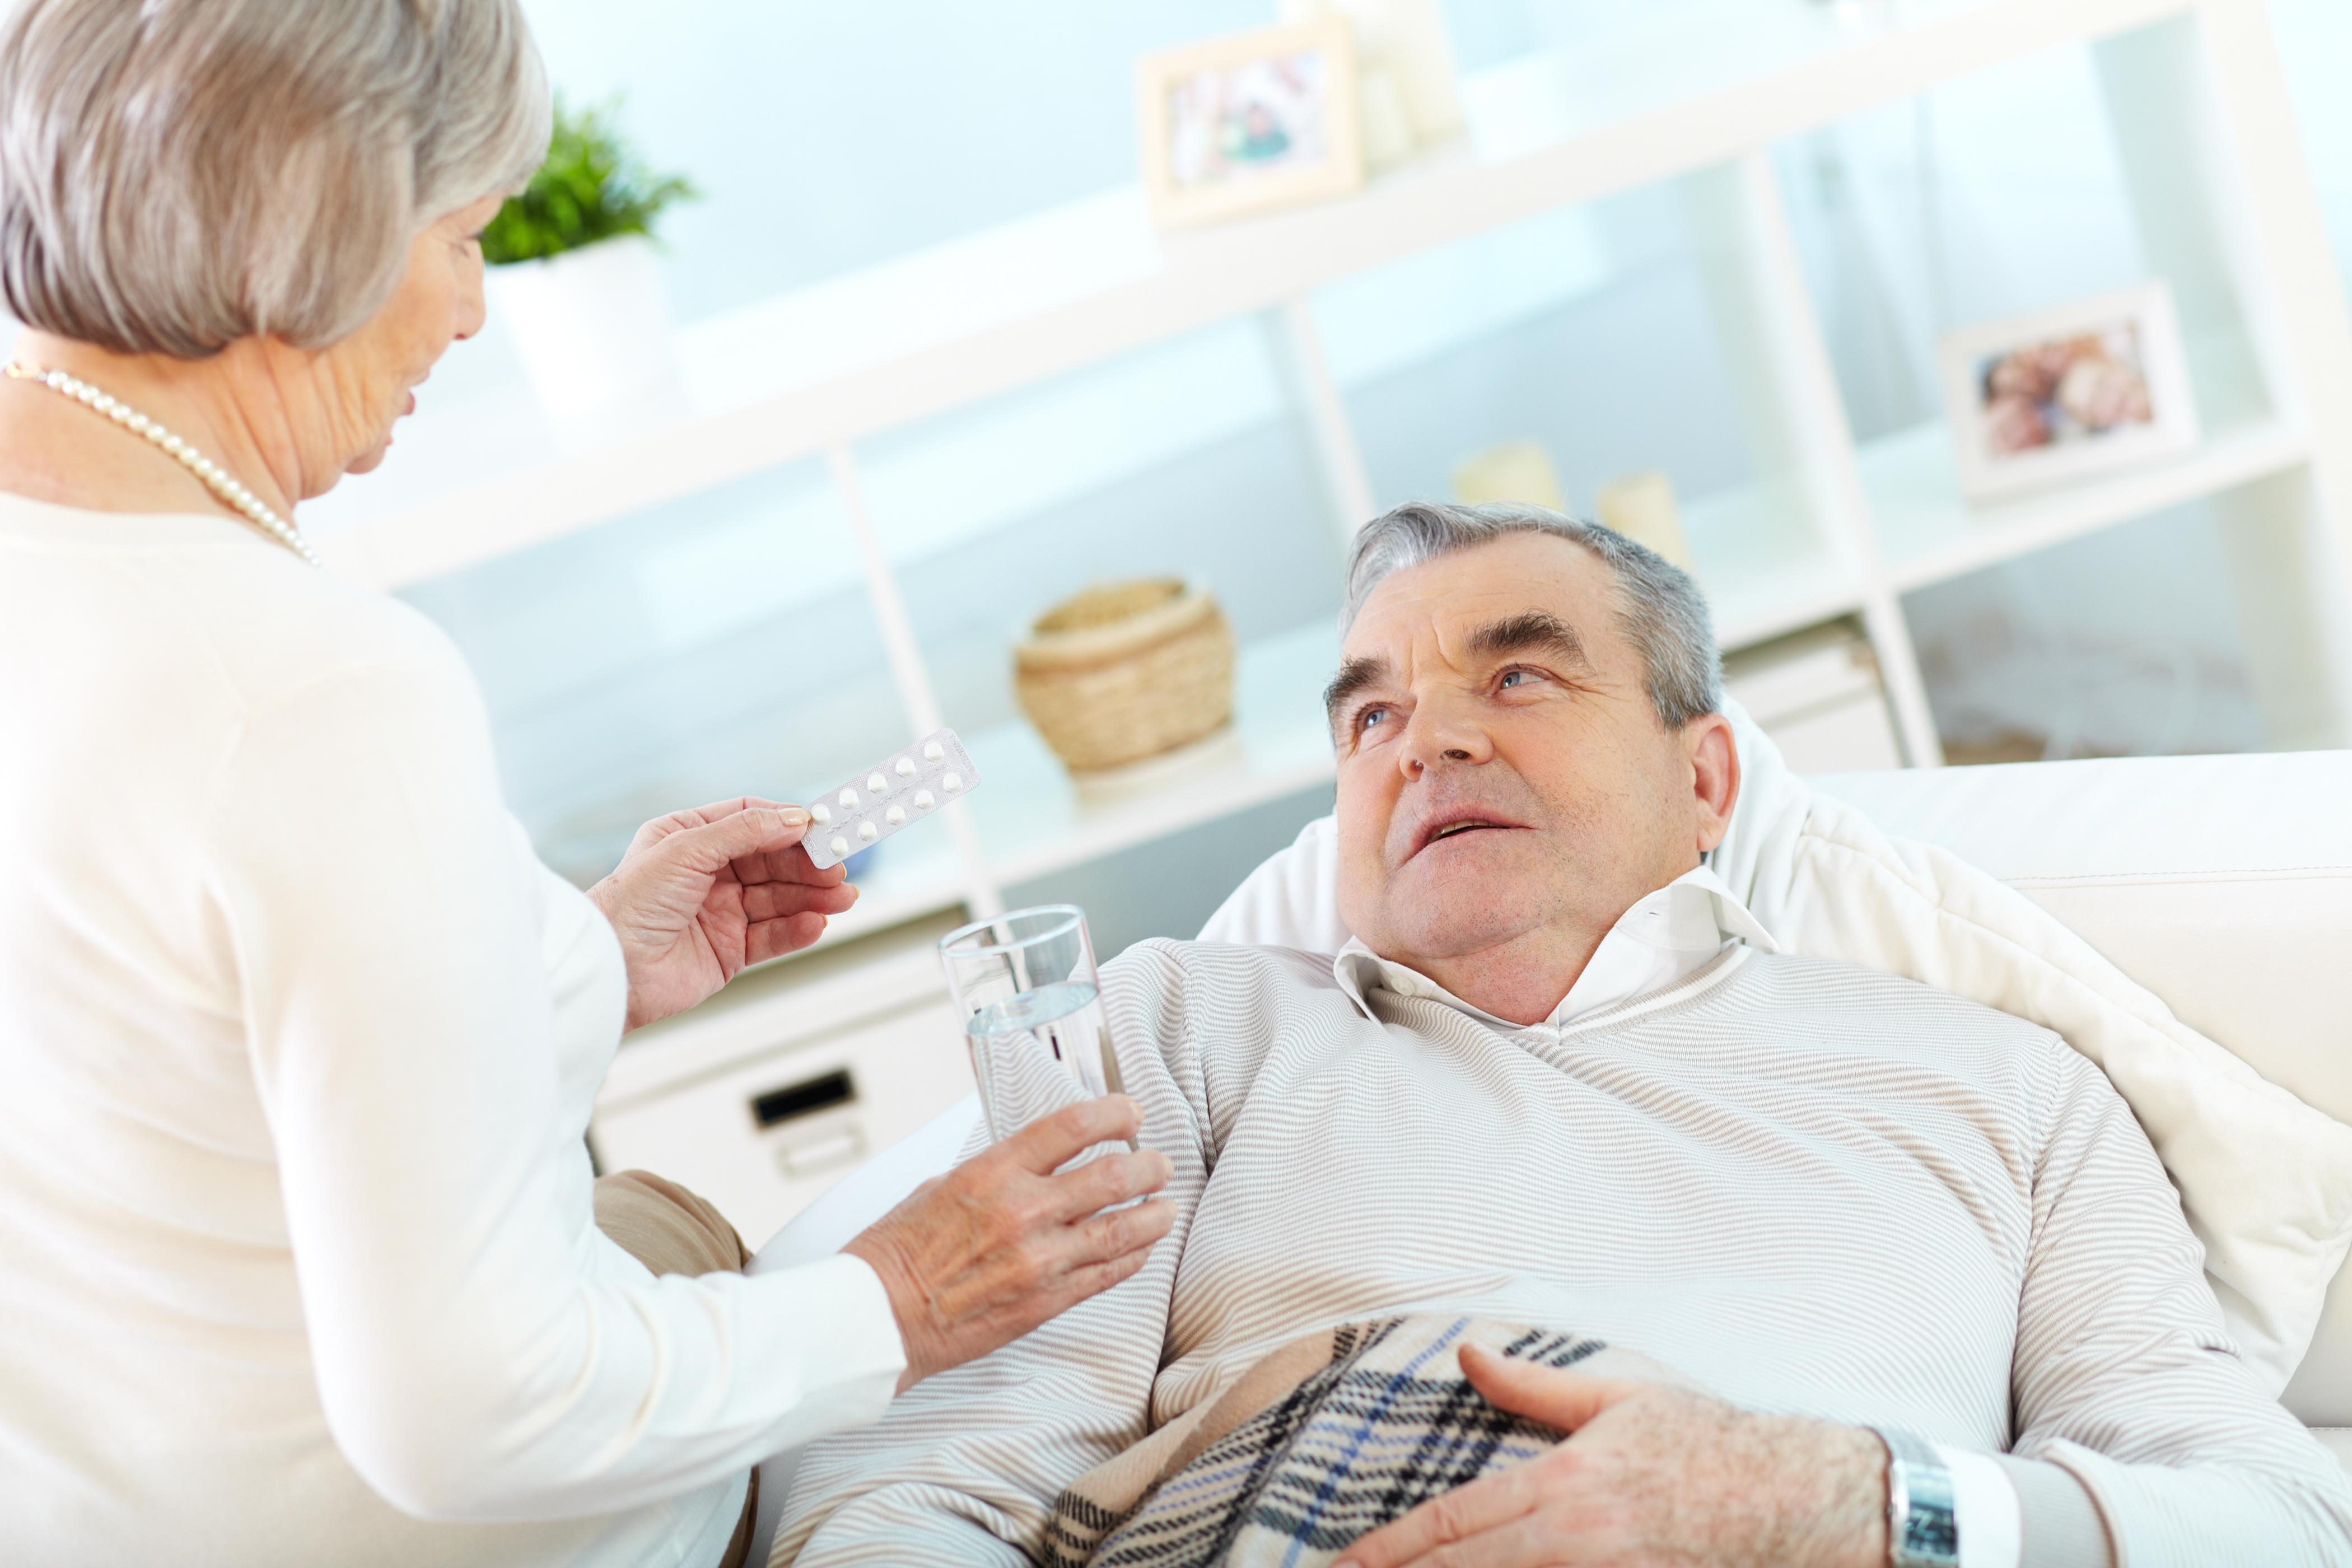 La mitad de los pacientes crónicos cree que la sanidad pública en España necesita cambios importantes